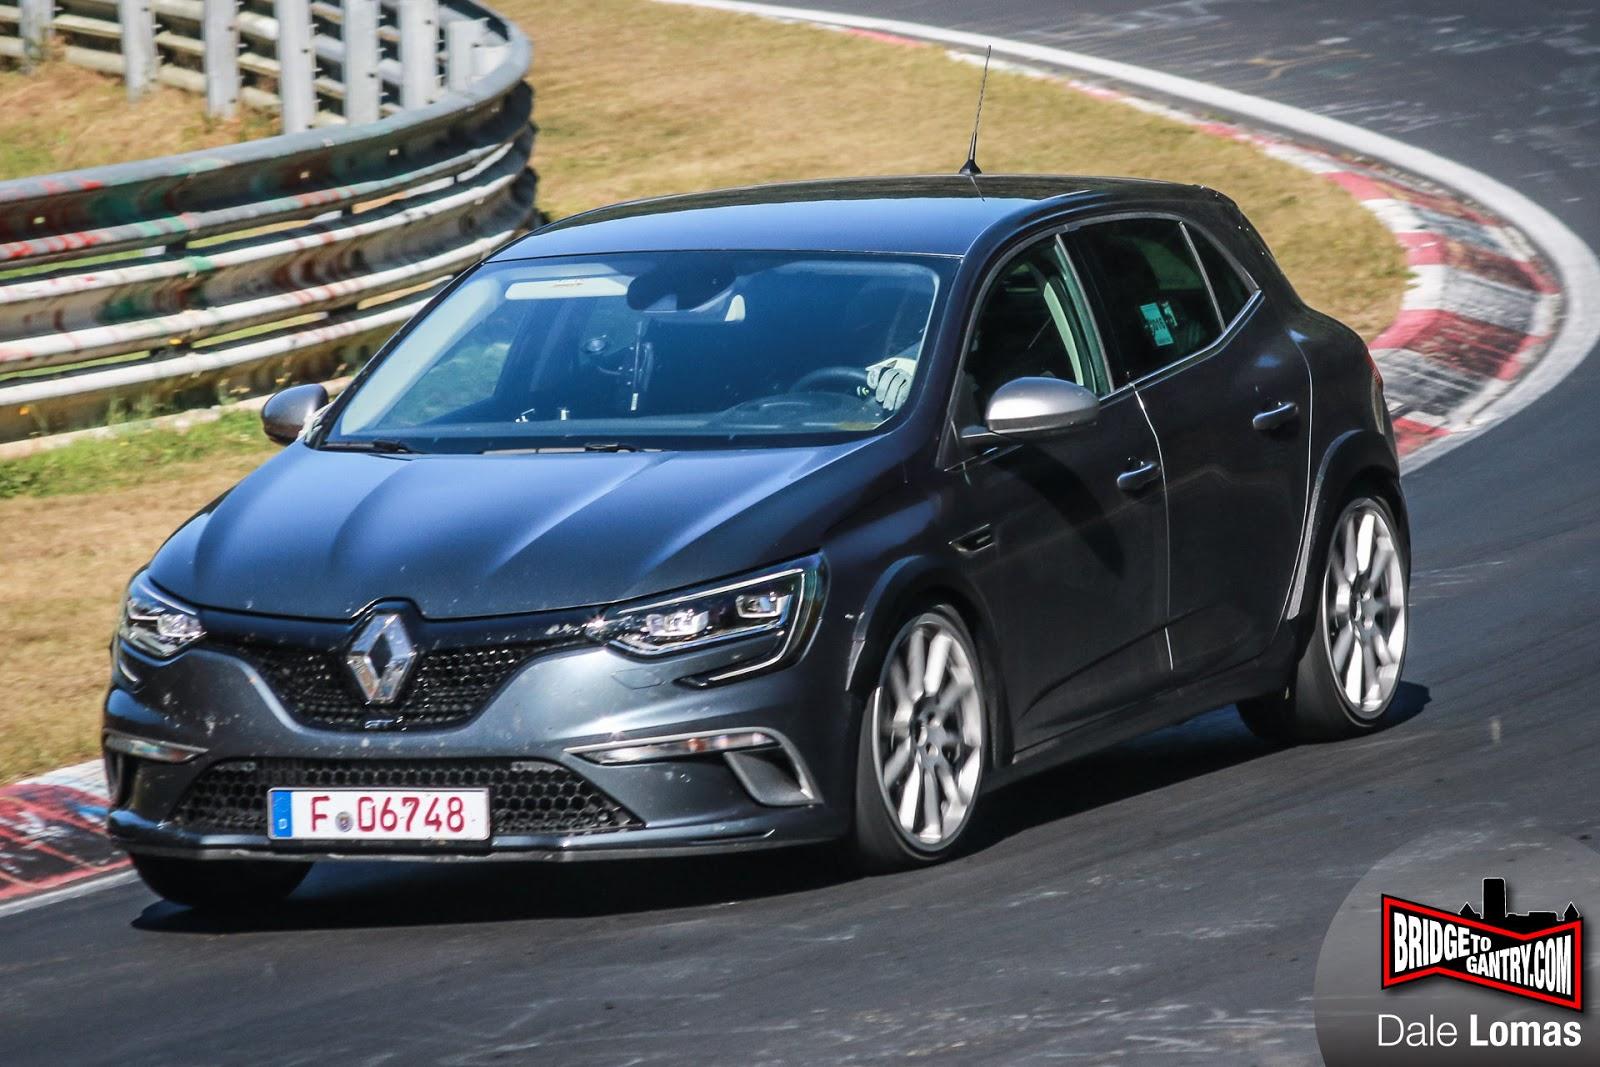 2017 Renault Megane Rs Neue Infos Und Bilder Myauto24 Das